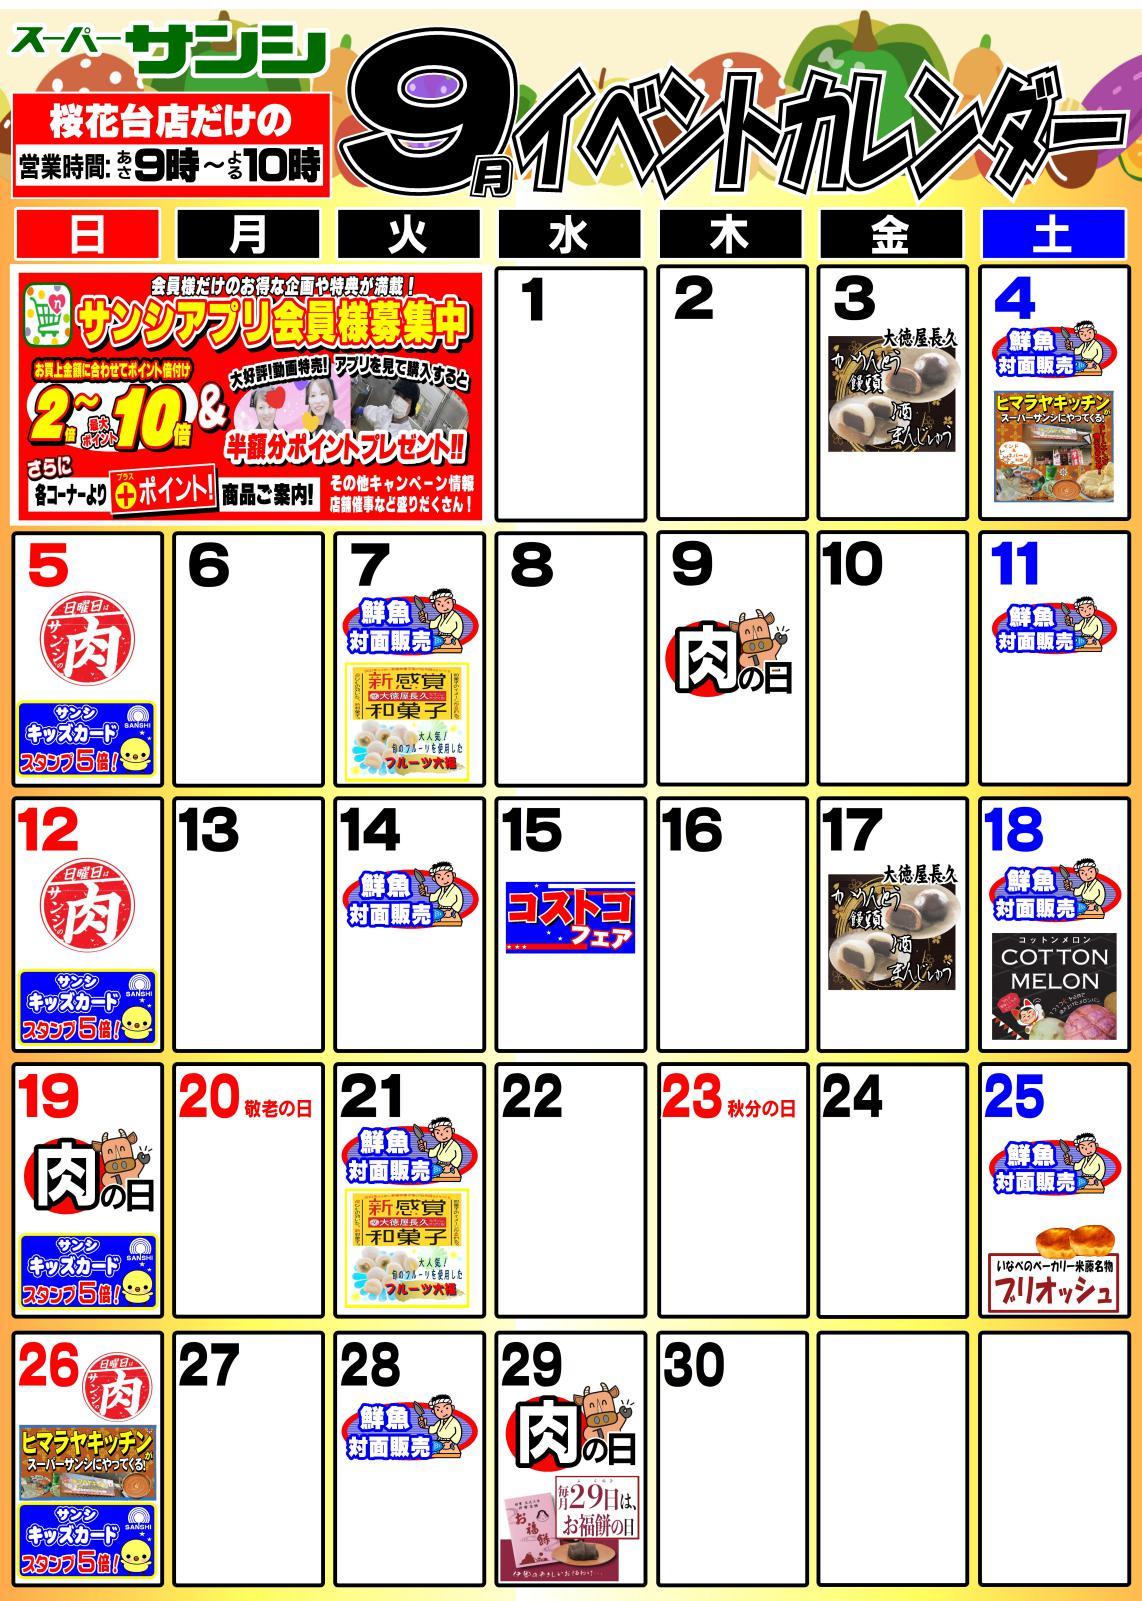 スーパーサンシ桜花台月間お買得カレンダー